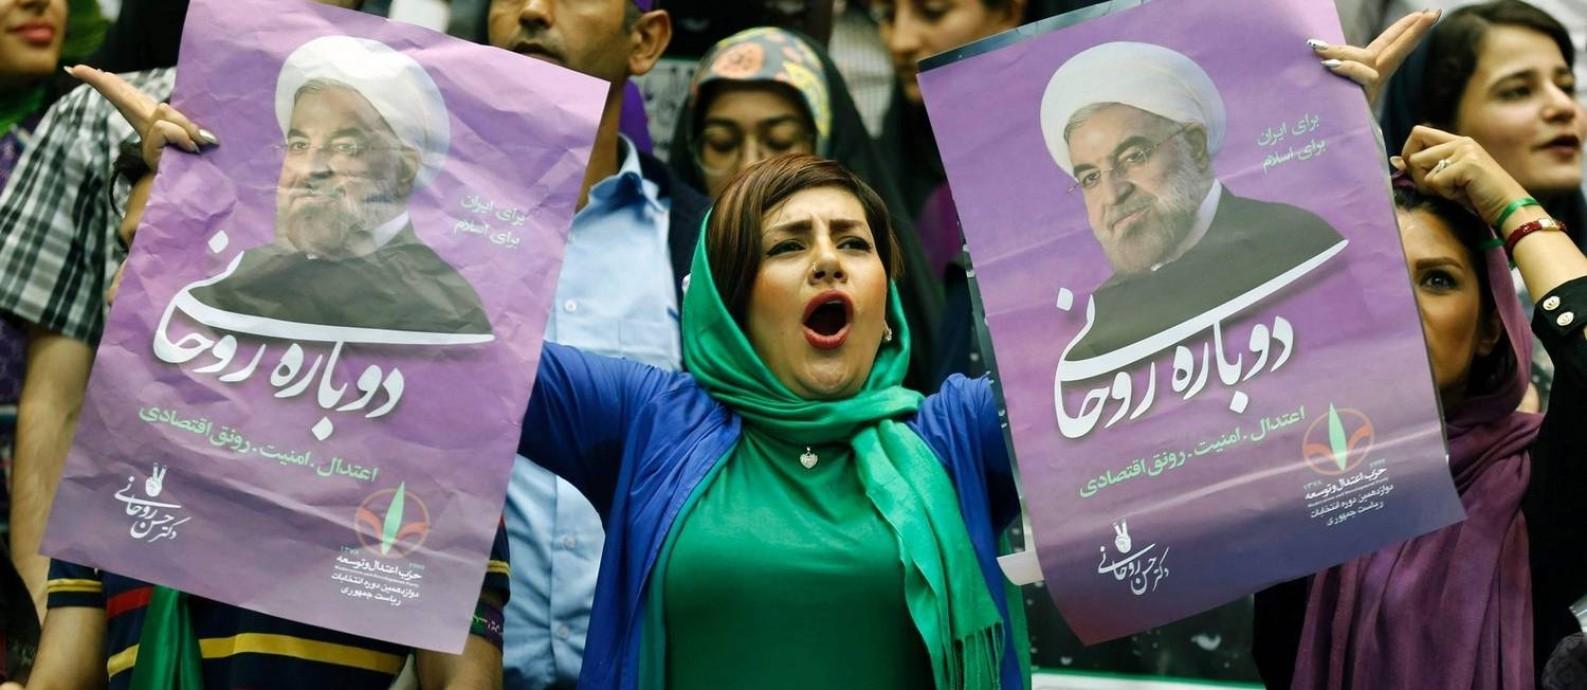 Novo tom. Apoiadora de Rouhani leva cartaz durante comício em Teerã: normalmente comedido, presidente mudou de estratégia nas redes e em discursos Foto: ATTA KENARE / AFP/13-5-2017